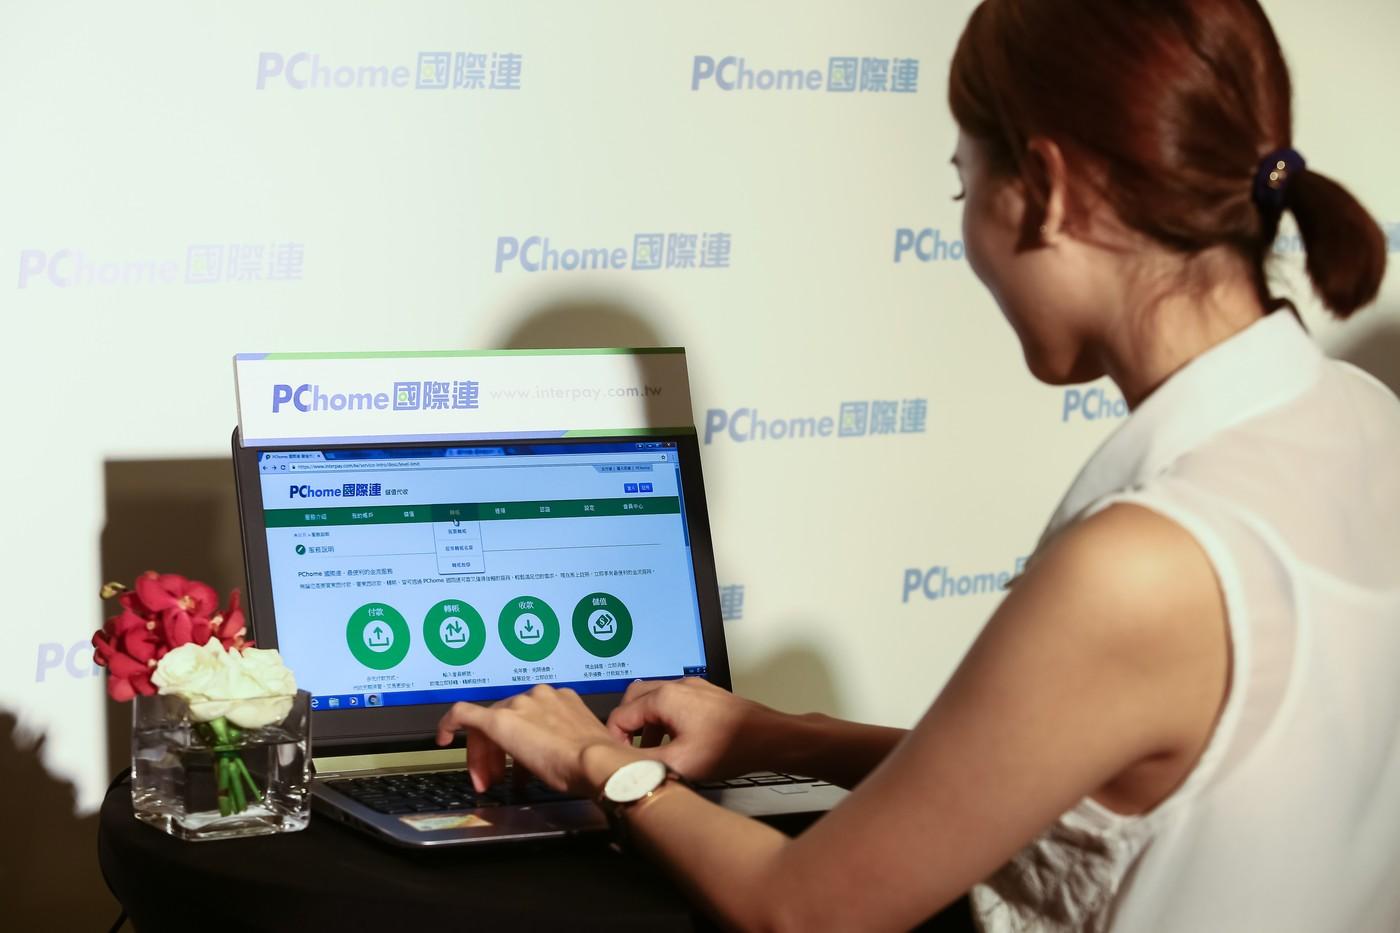 不只露天賣家可用,PChome旗下國際連獲准經營O2O支付